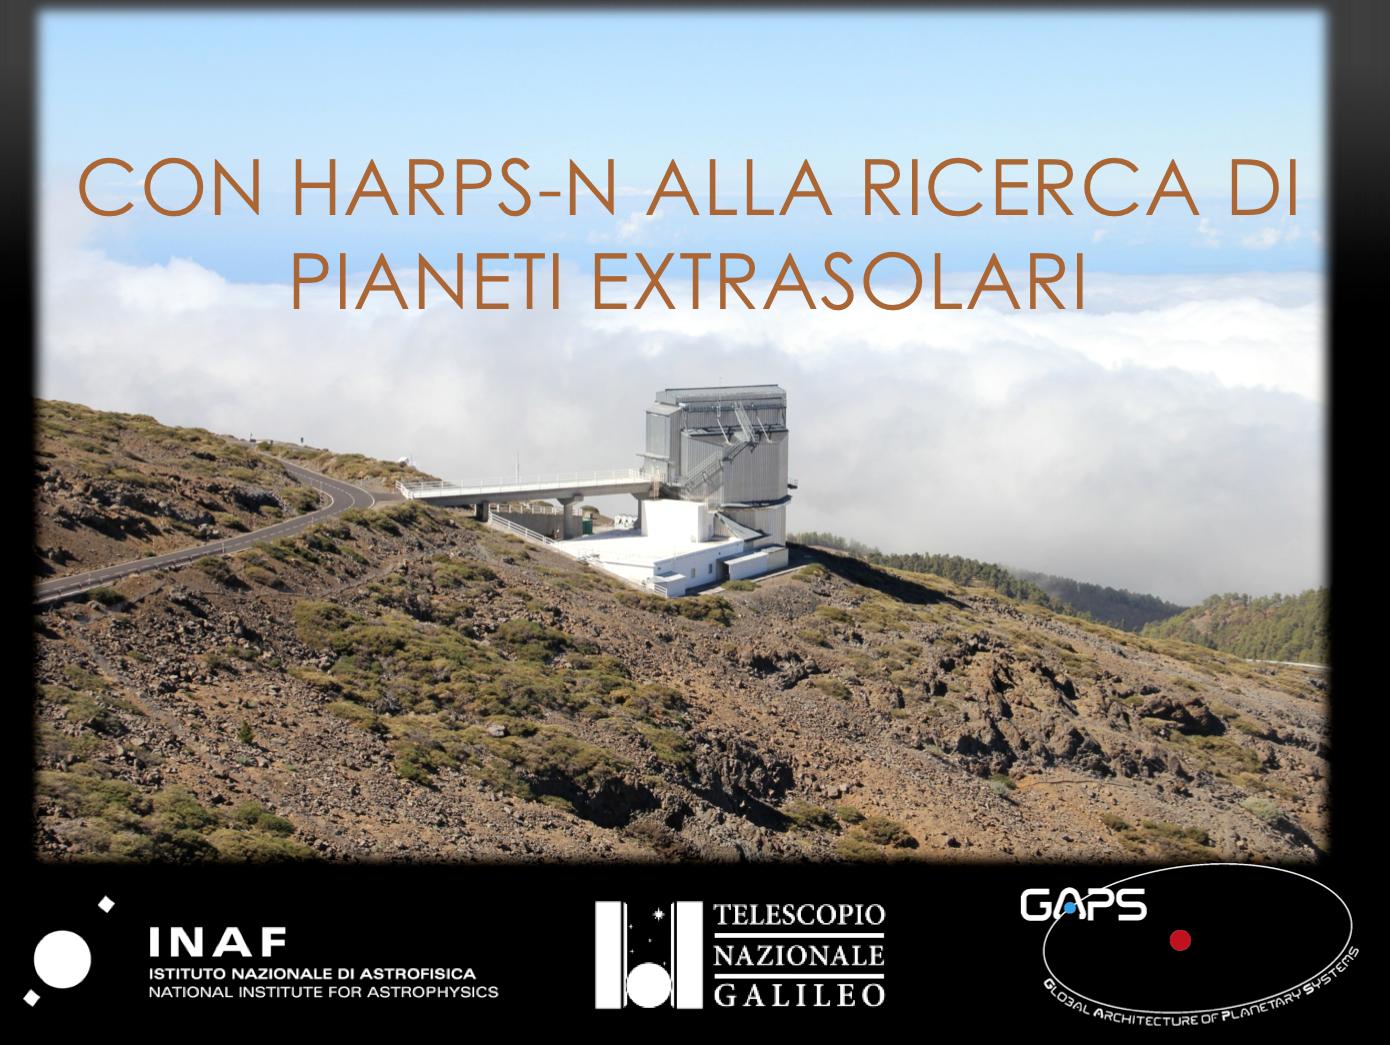 Con HARPS-N alla ricerca di pianeti extrasolari